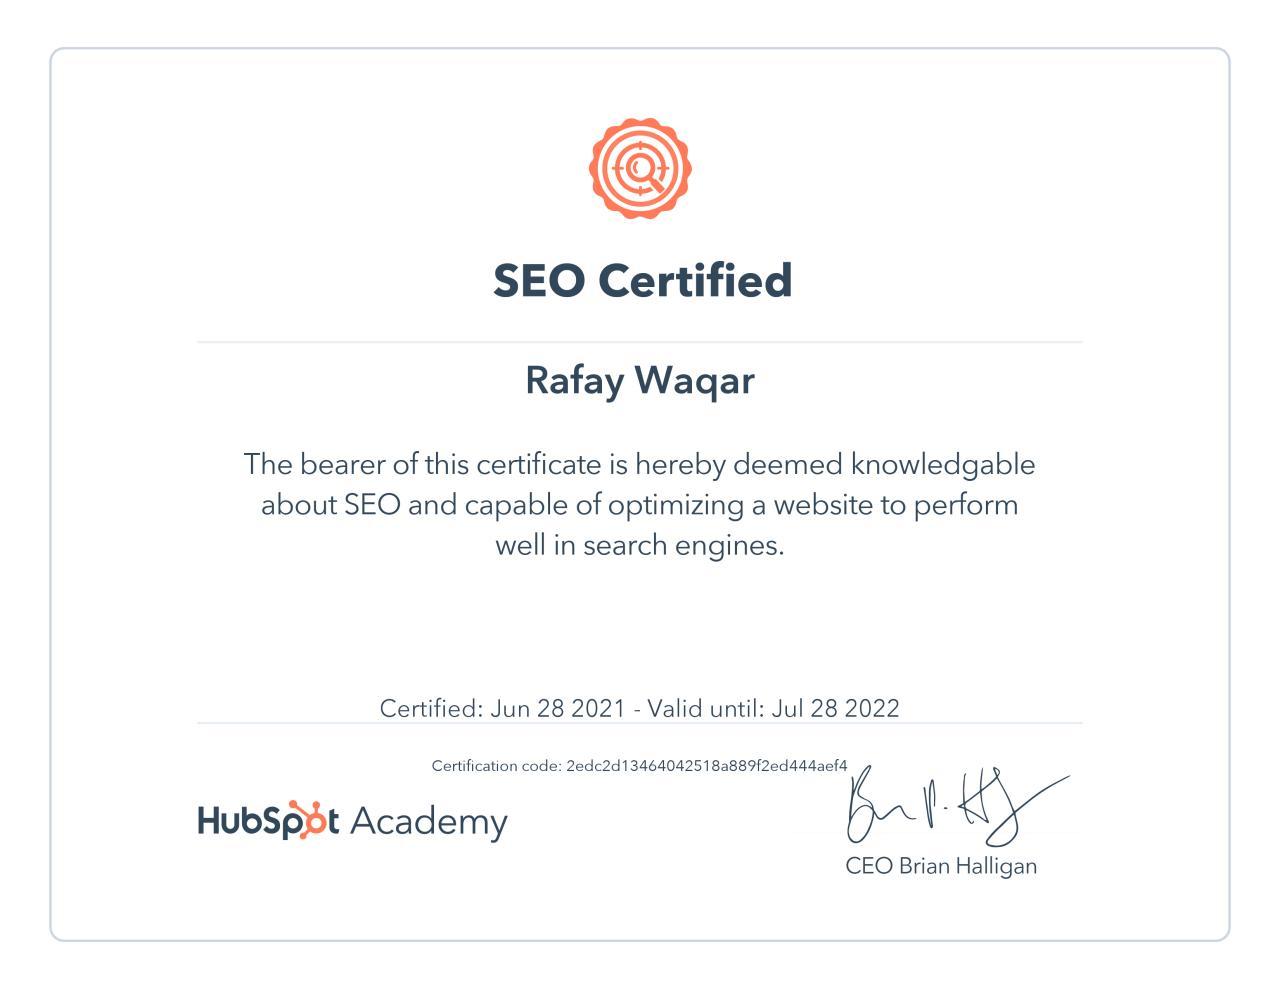 hunbspot SEO certification